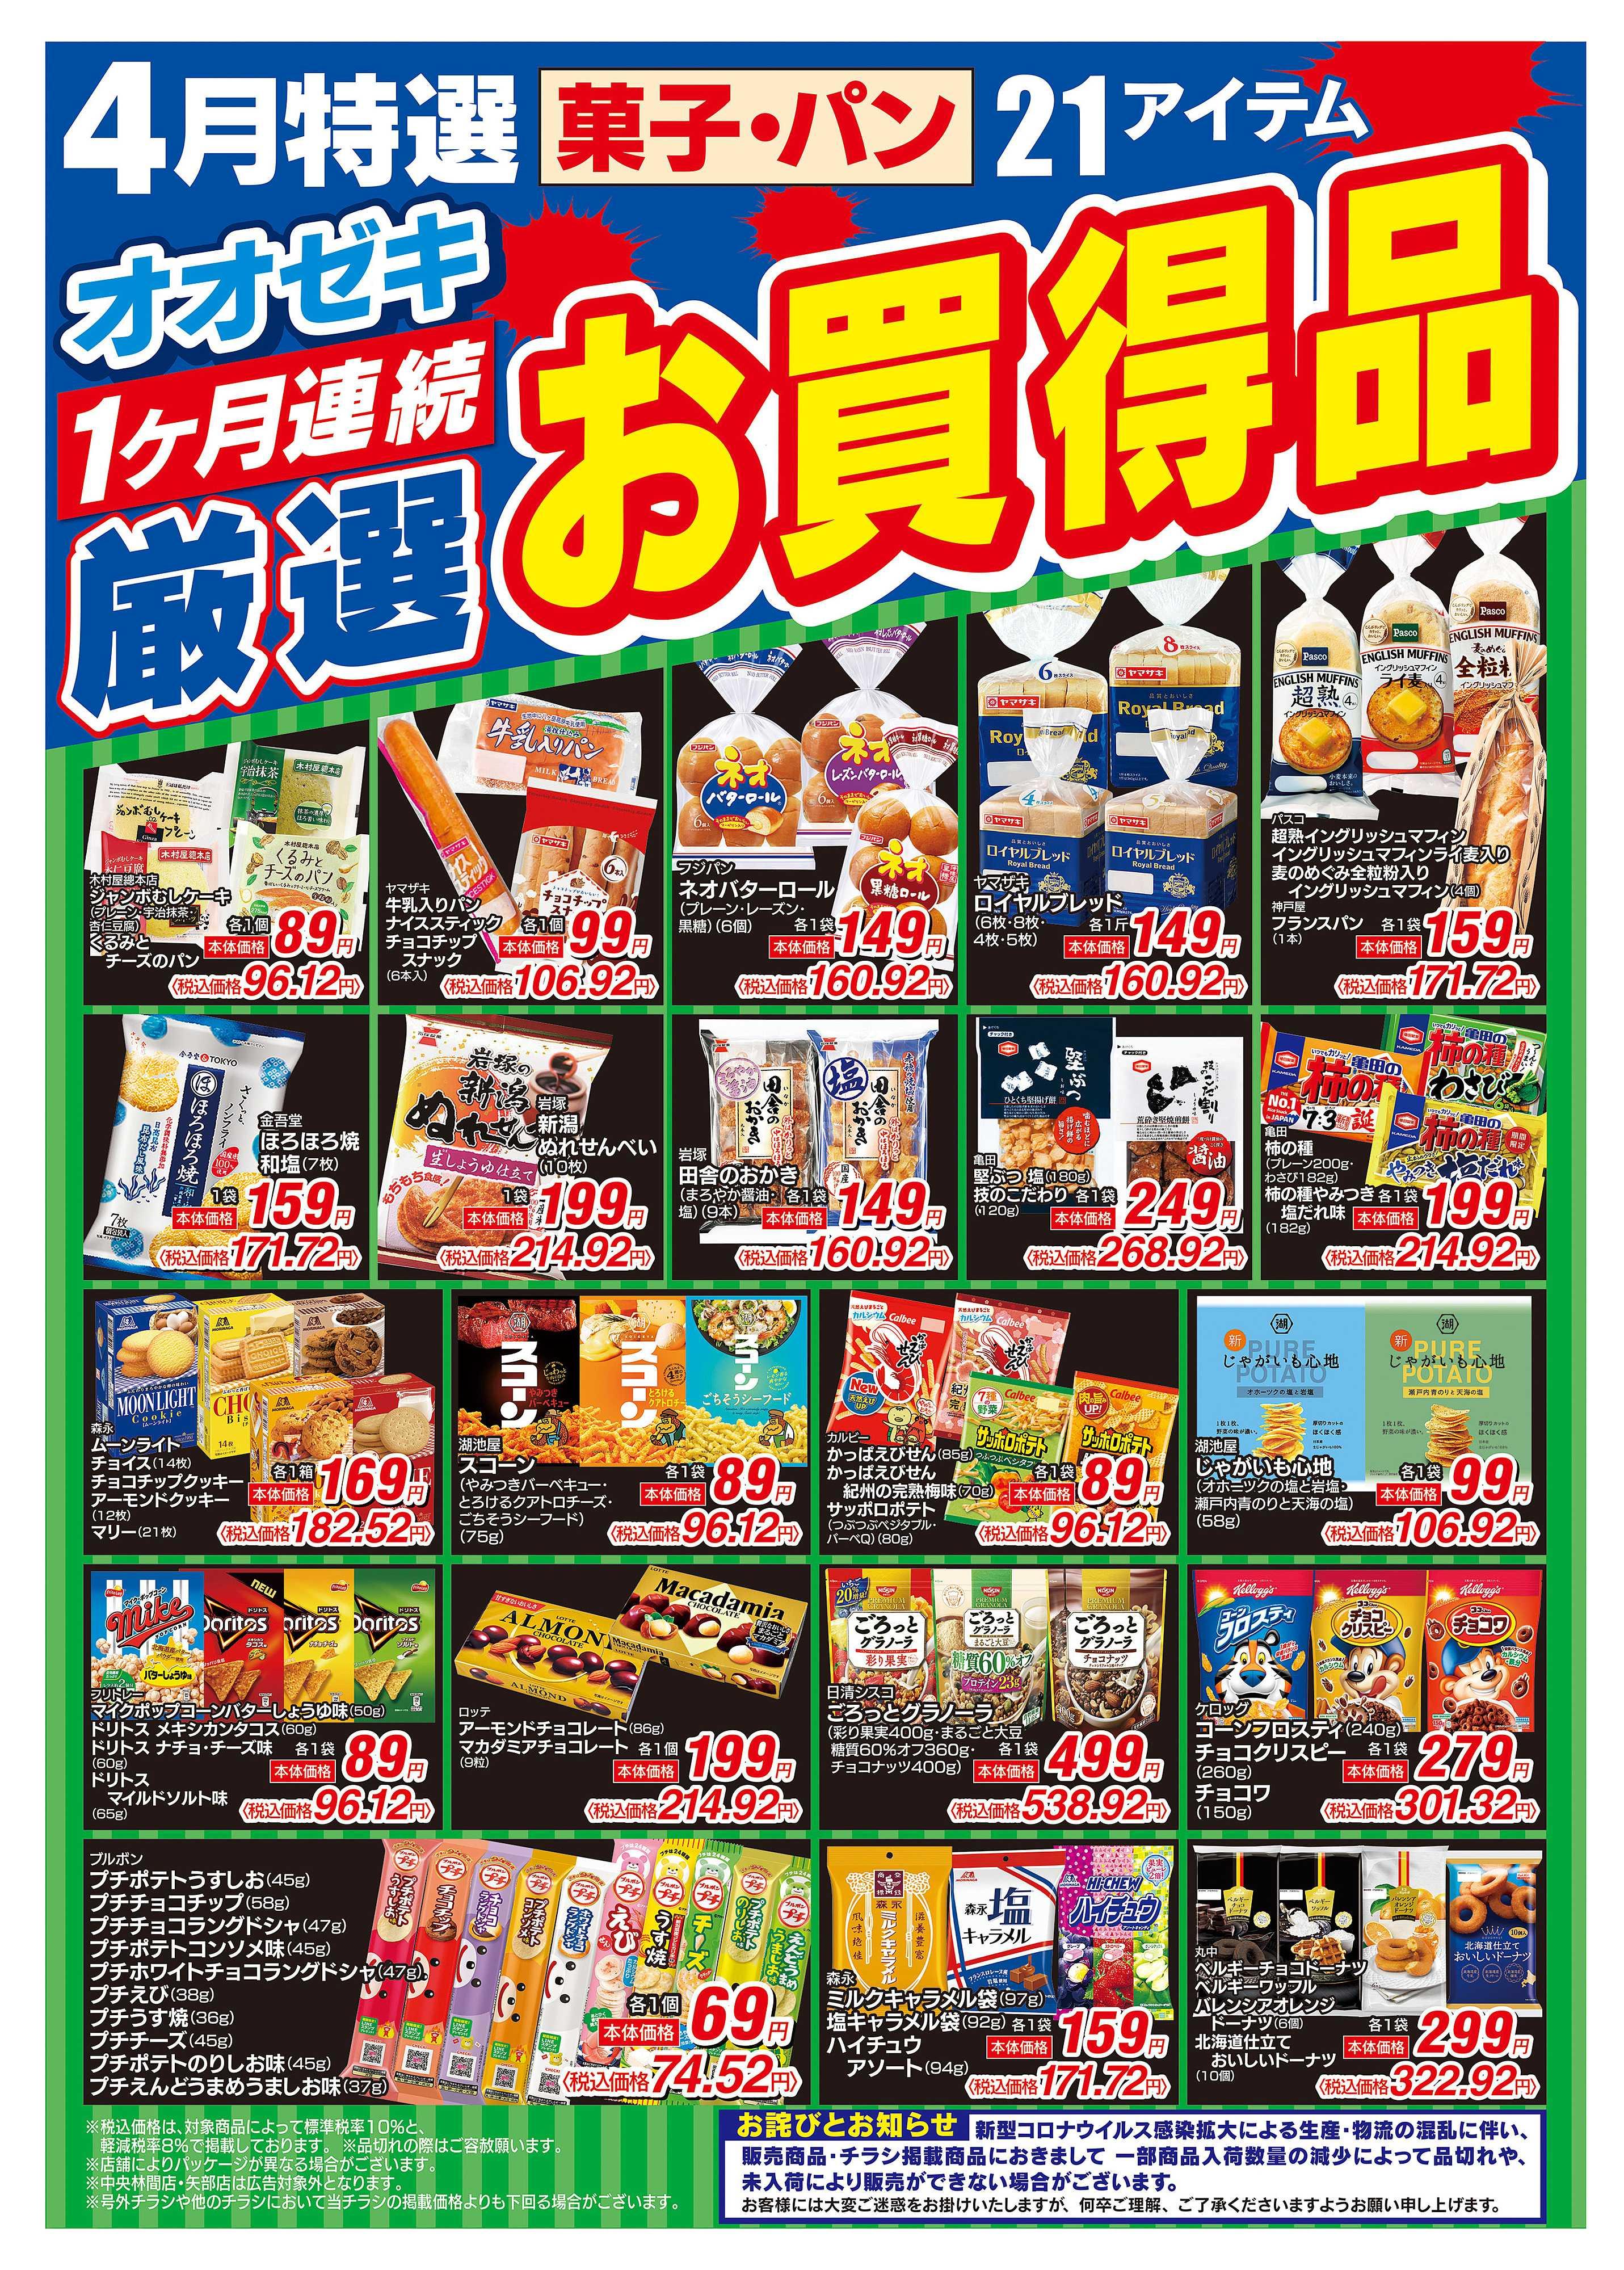 オオゼキ 4月特選菓子・パン 1ヶ月連続厳選お買得品